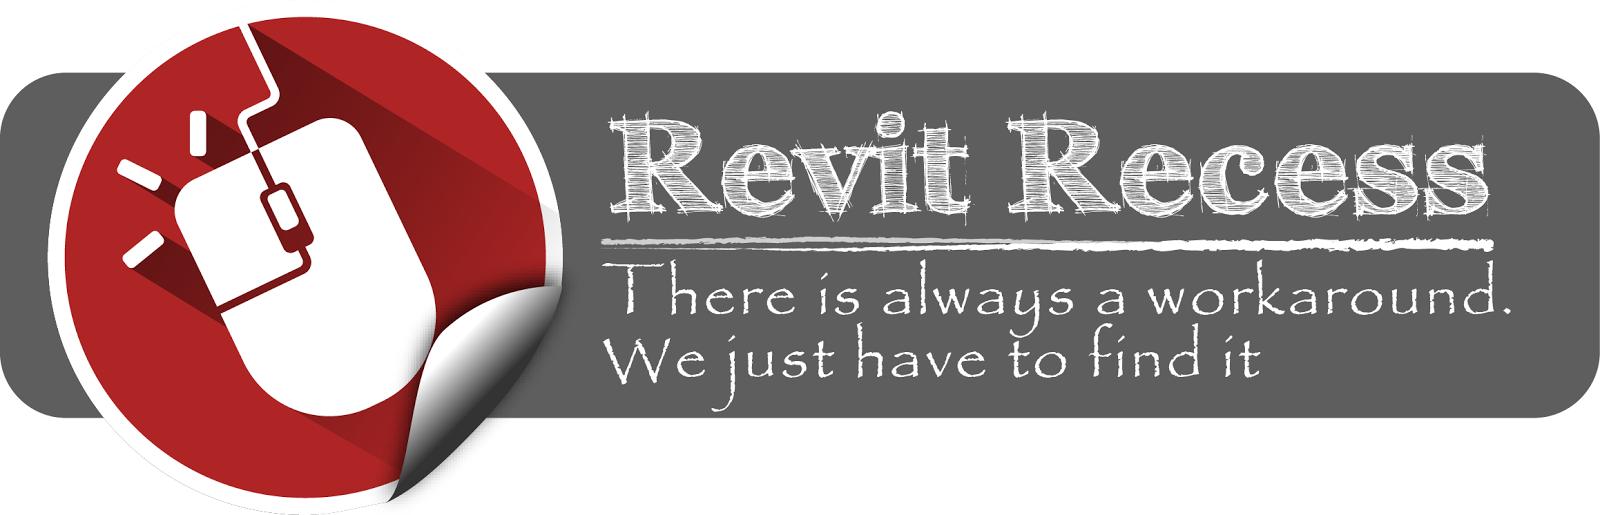 Revit Recess